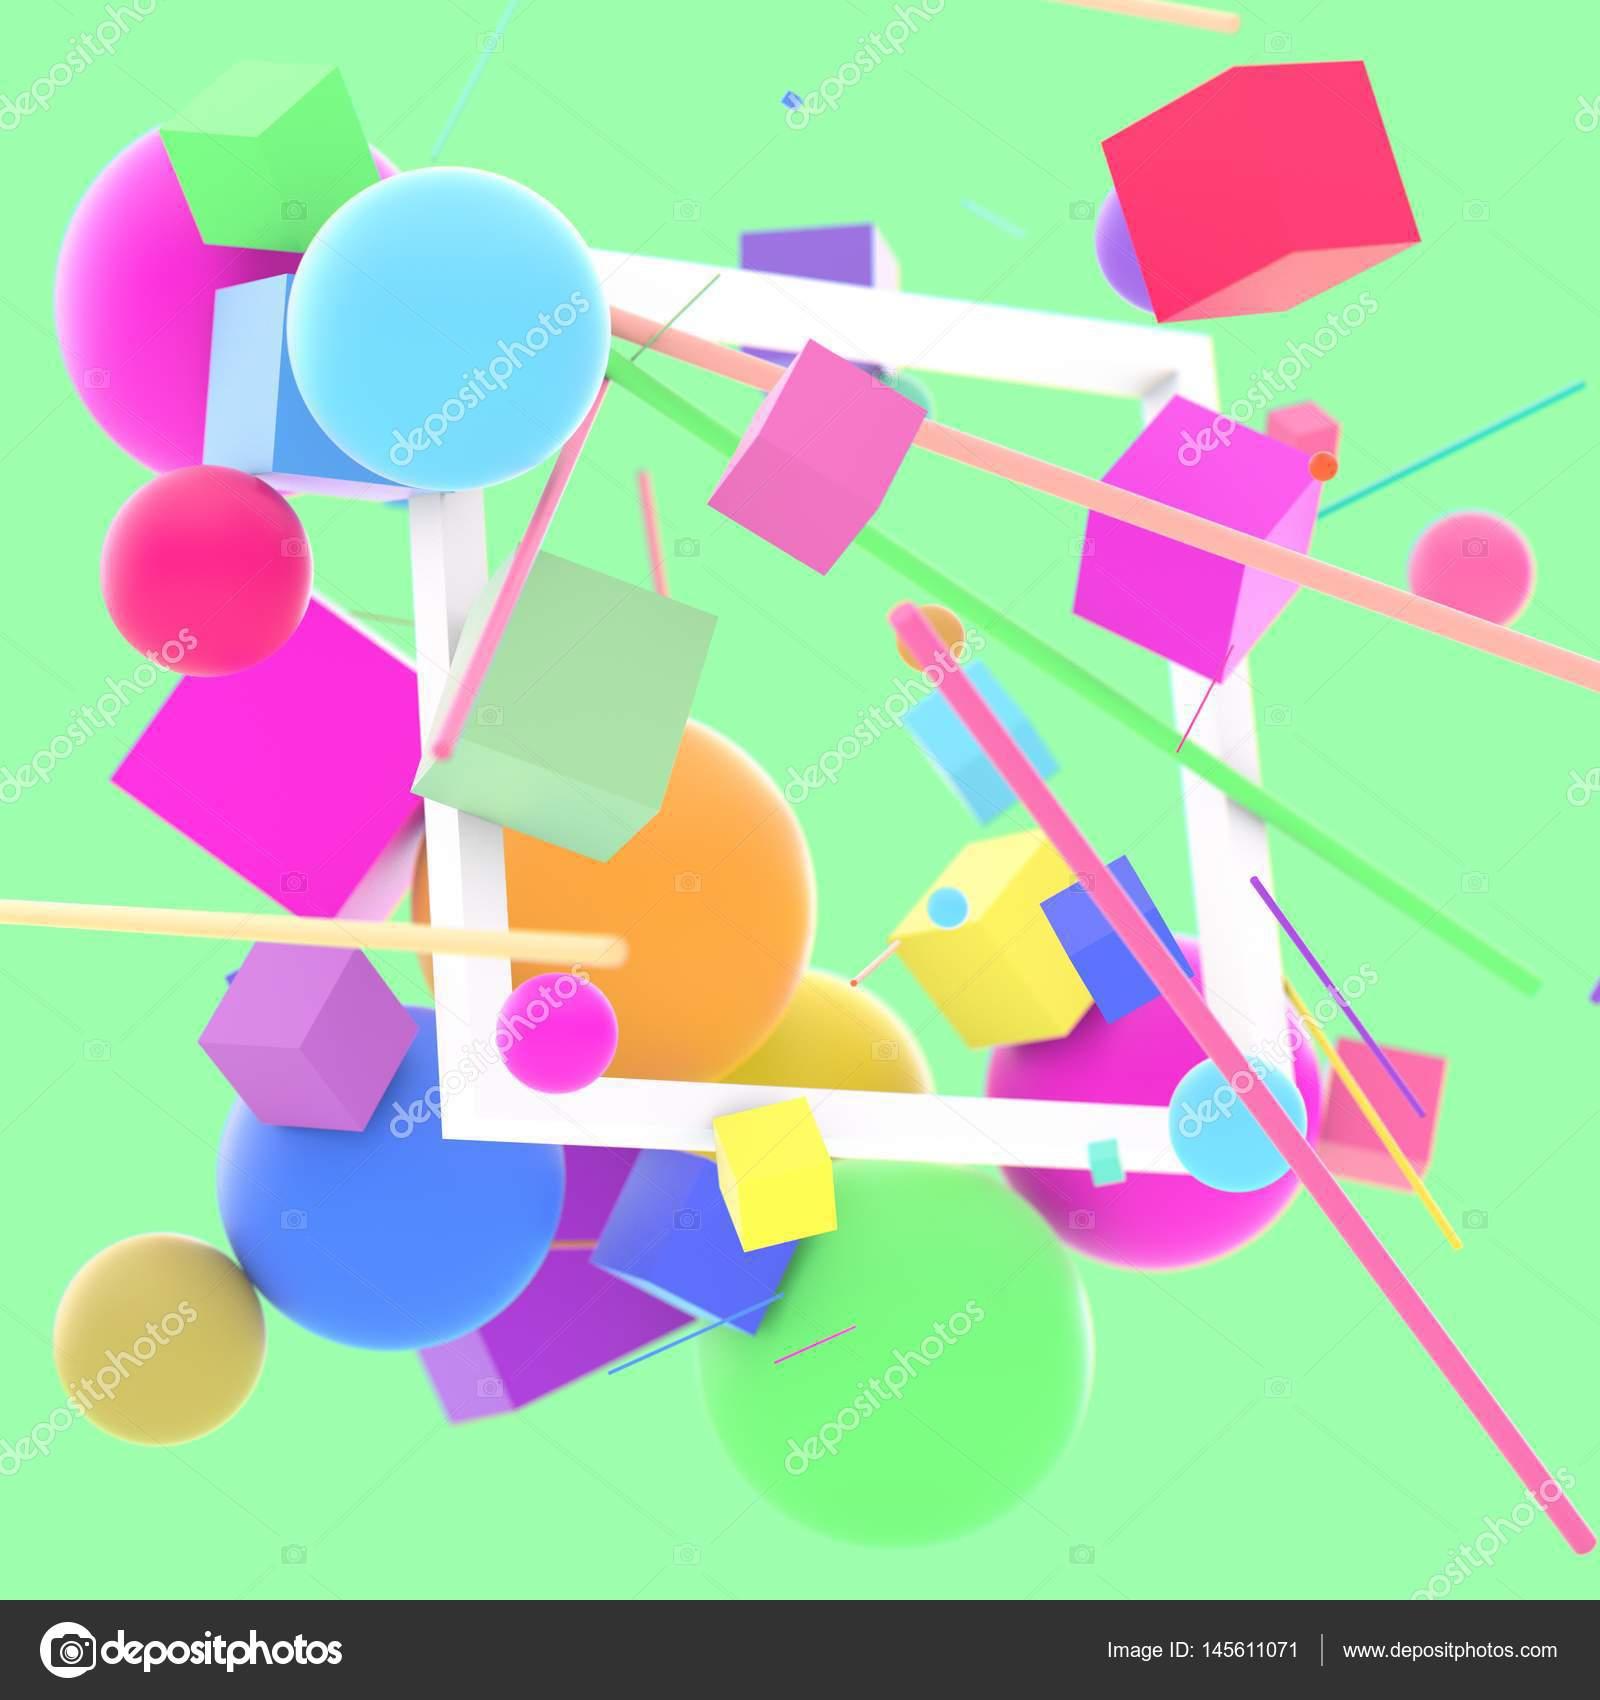 Abstrakte 3D-Figuren mit quadratischen Rahmen — Stockfoto ...